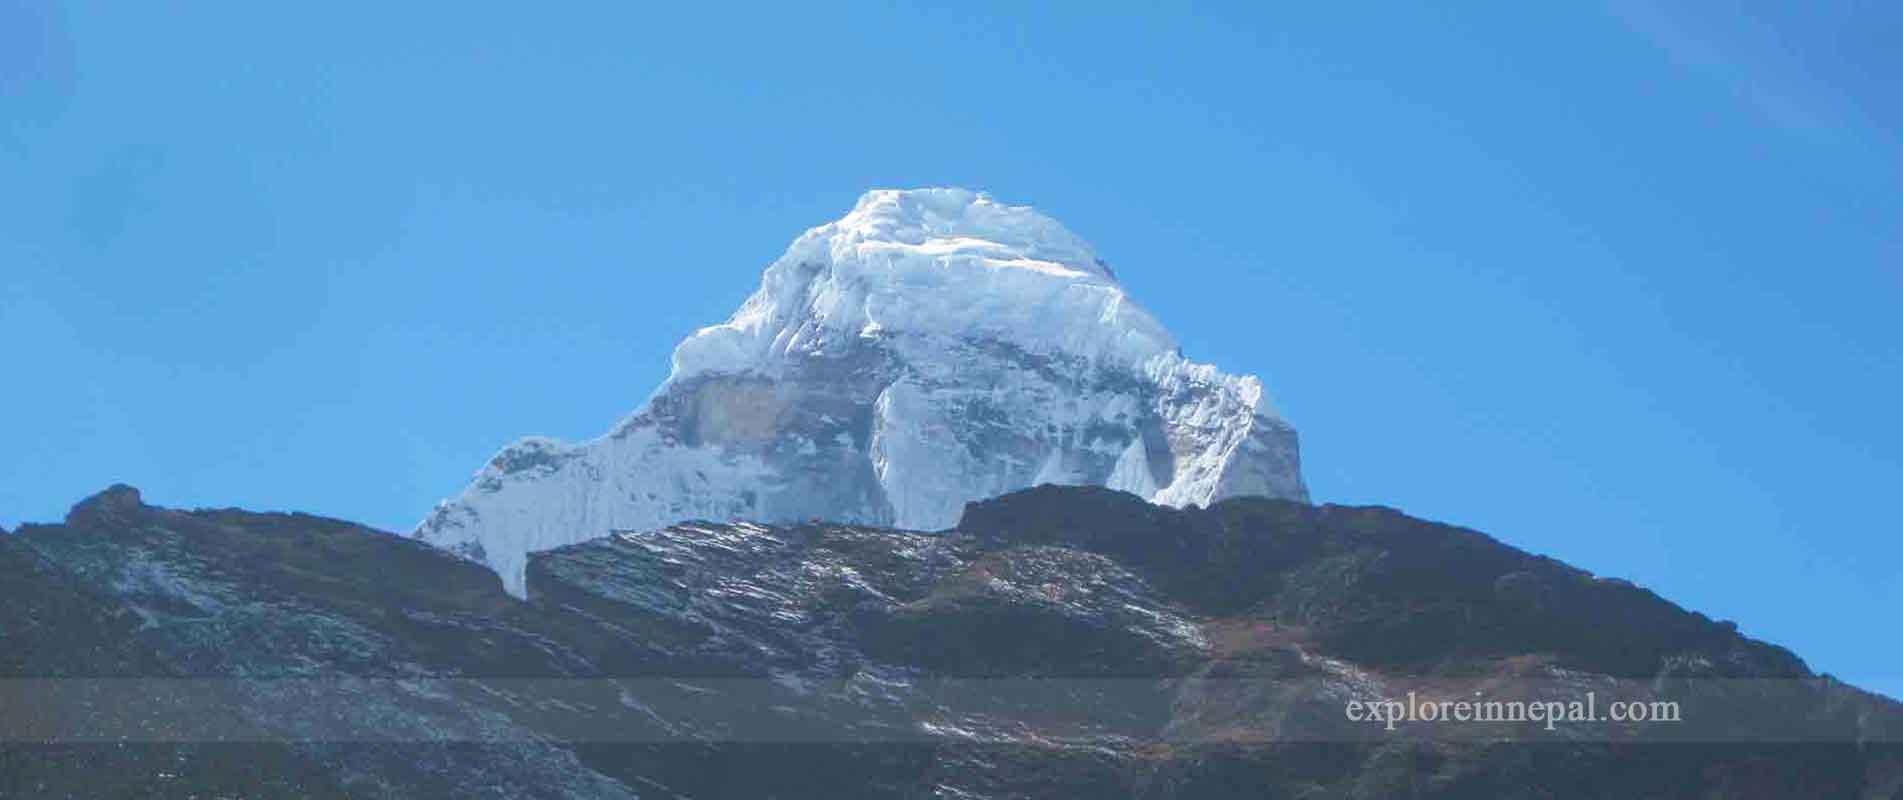 lobuche-peak-explore